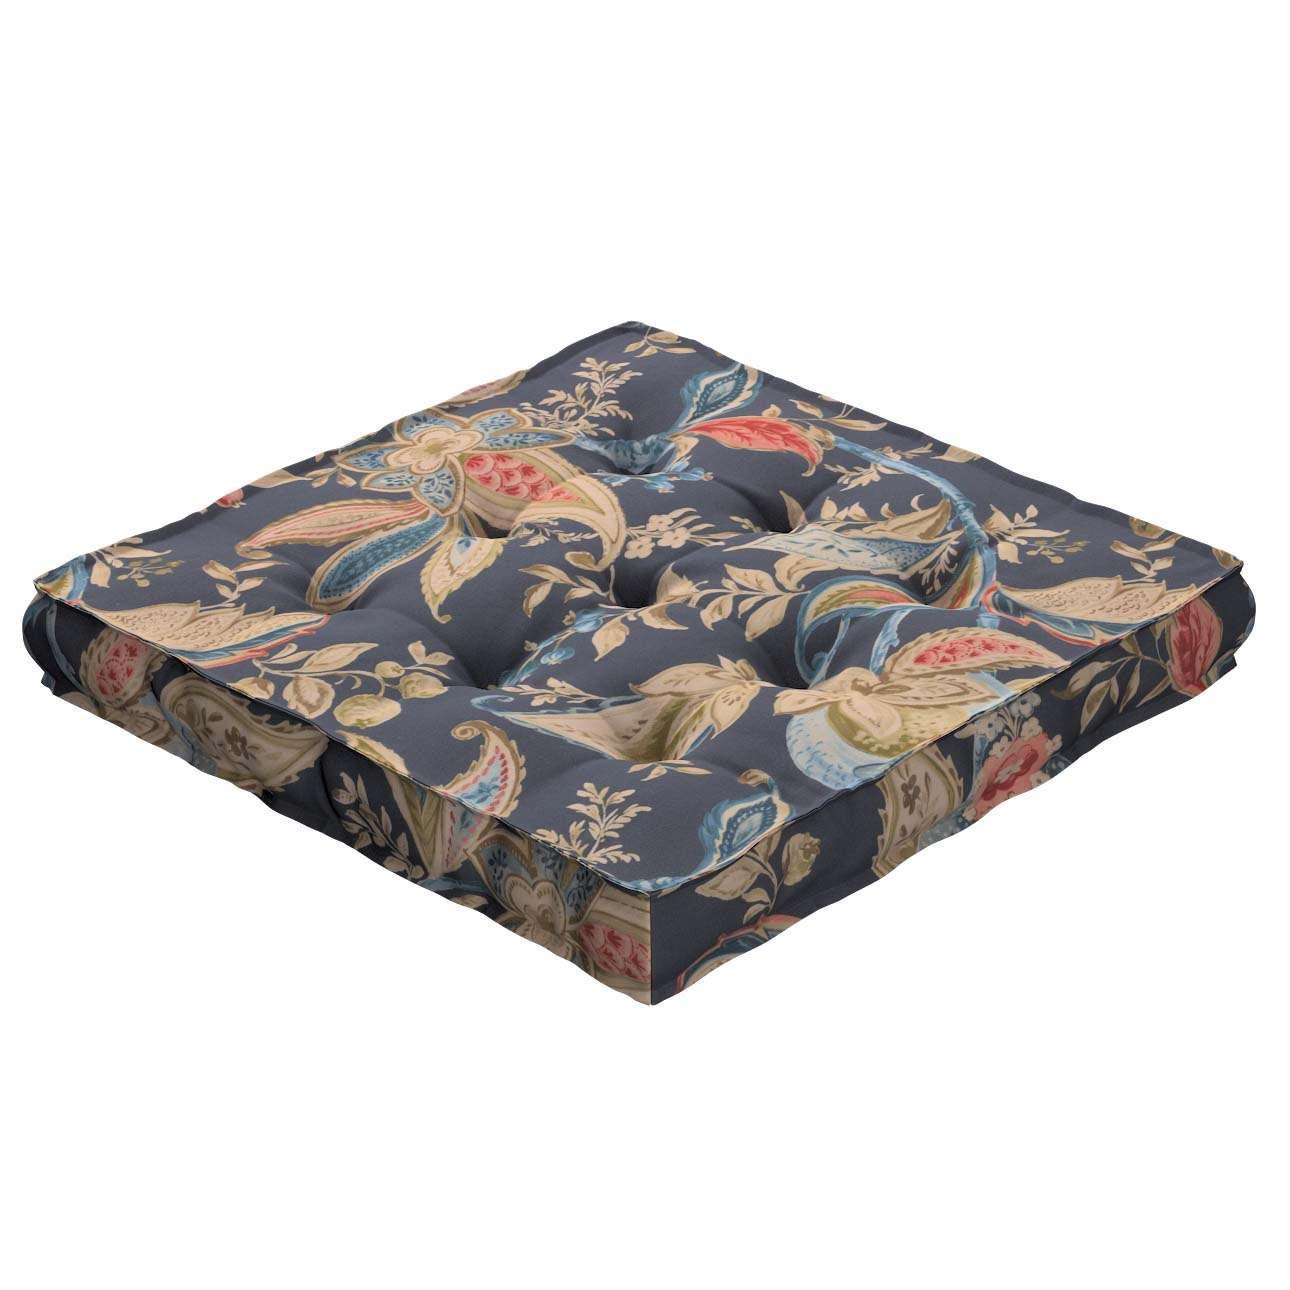 Siedzisko Kuba na krzesło w kolekcji Gardenia, tkanina: 142-19